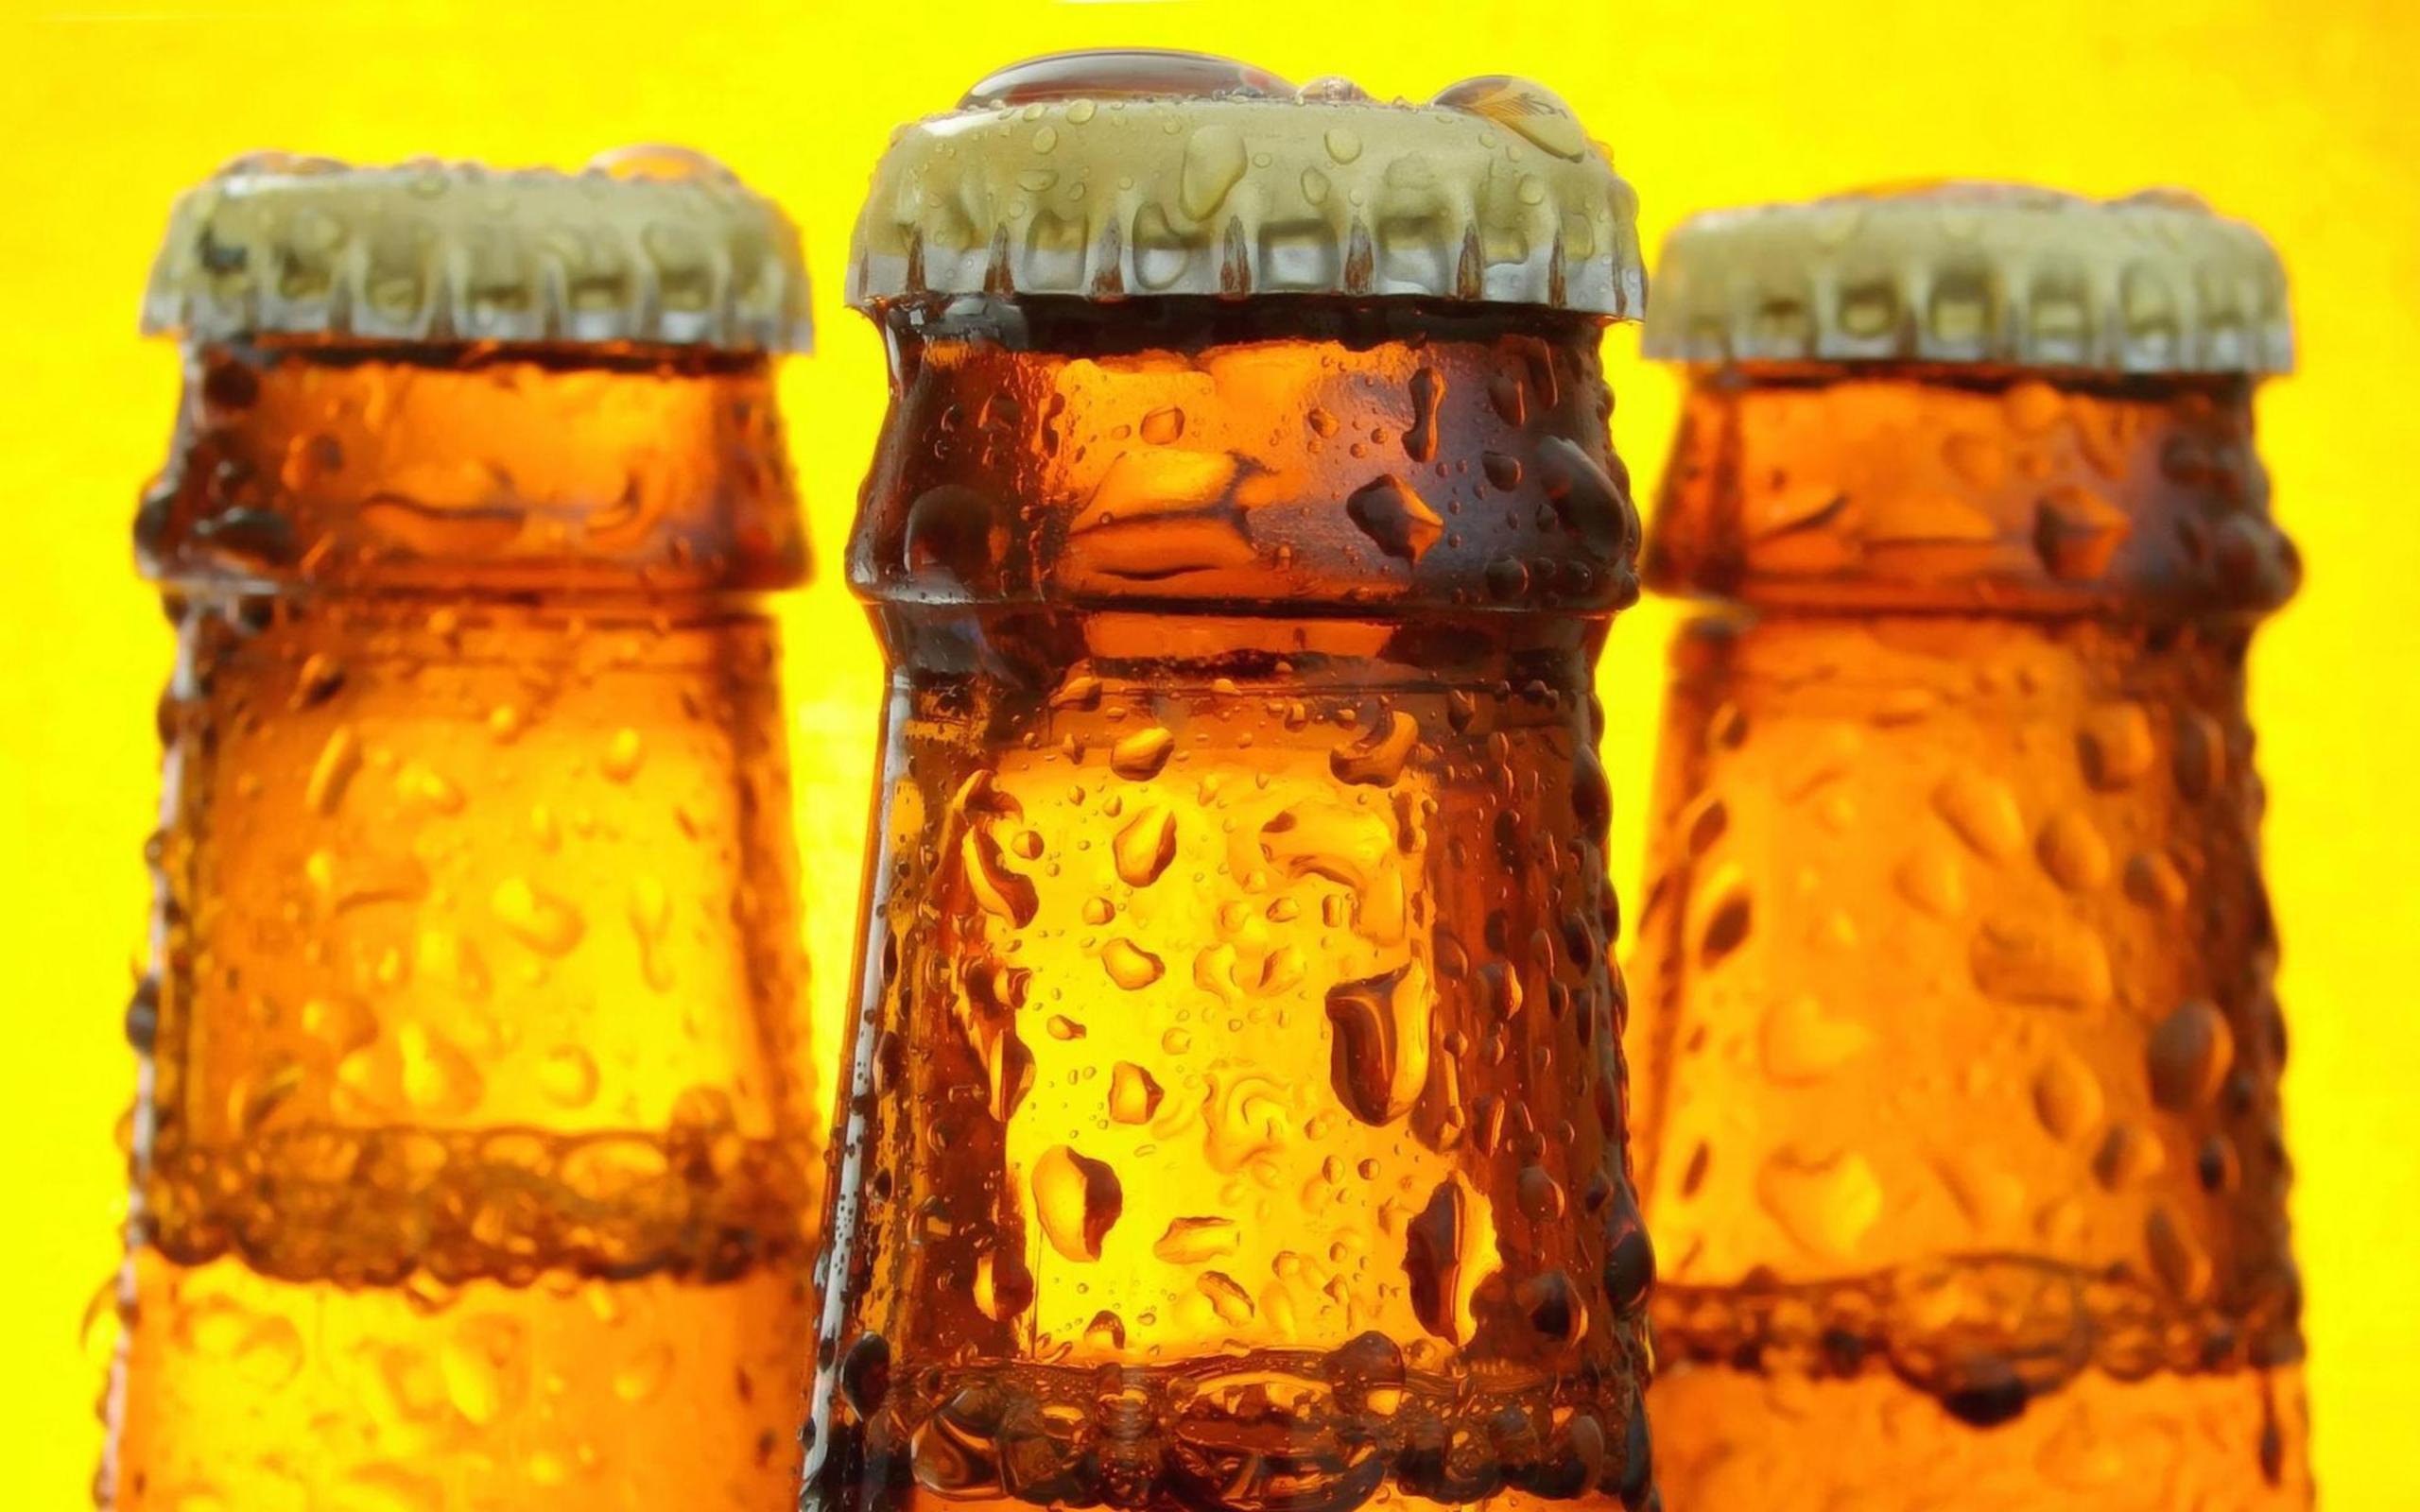 пиво, бутылки, фото, обои для рабочего стола